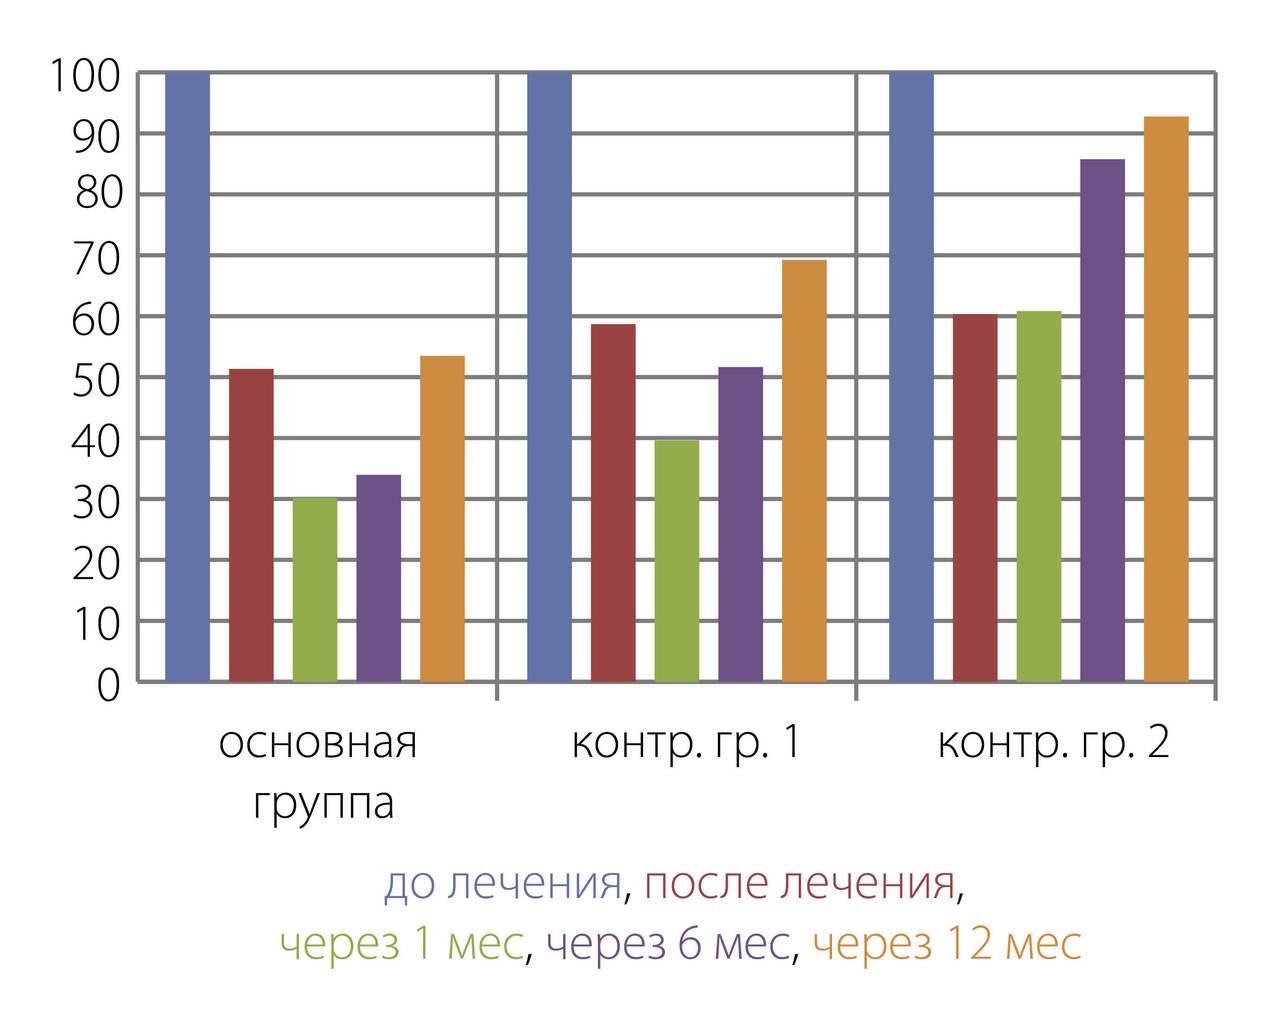 Рис. 1. Сравнительная оценка индекса распространенности гиперестезии зубов у пациентов основной и контрольных групп.